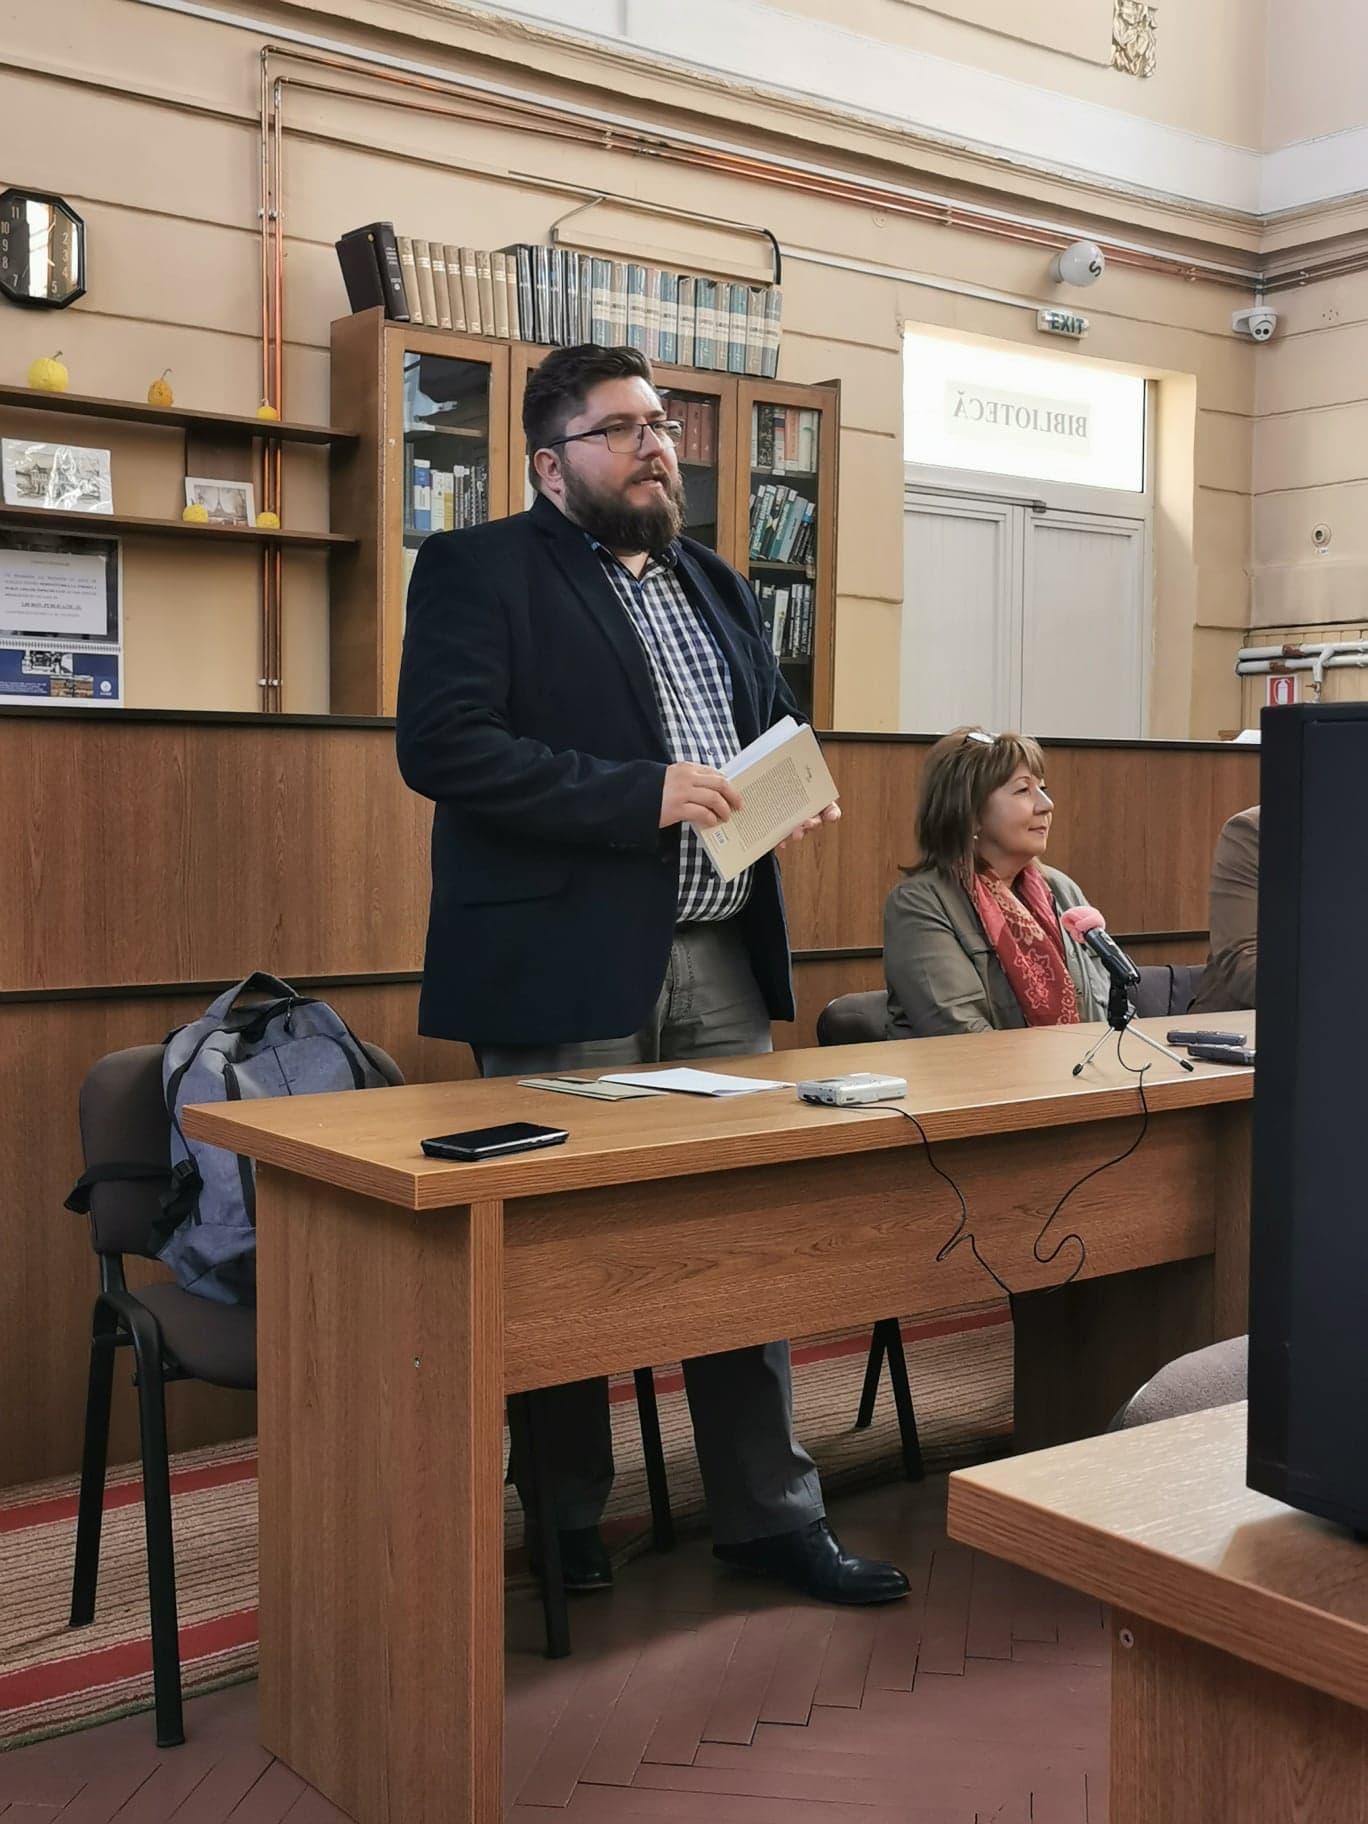 Foto lansare carte Stiinte si Litere Doina Rusti (1)